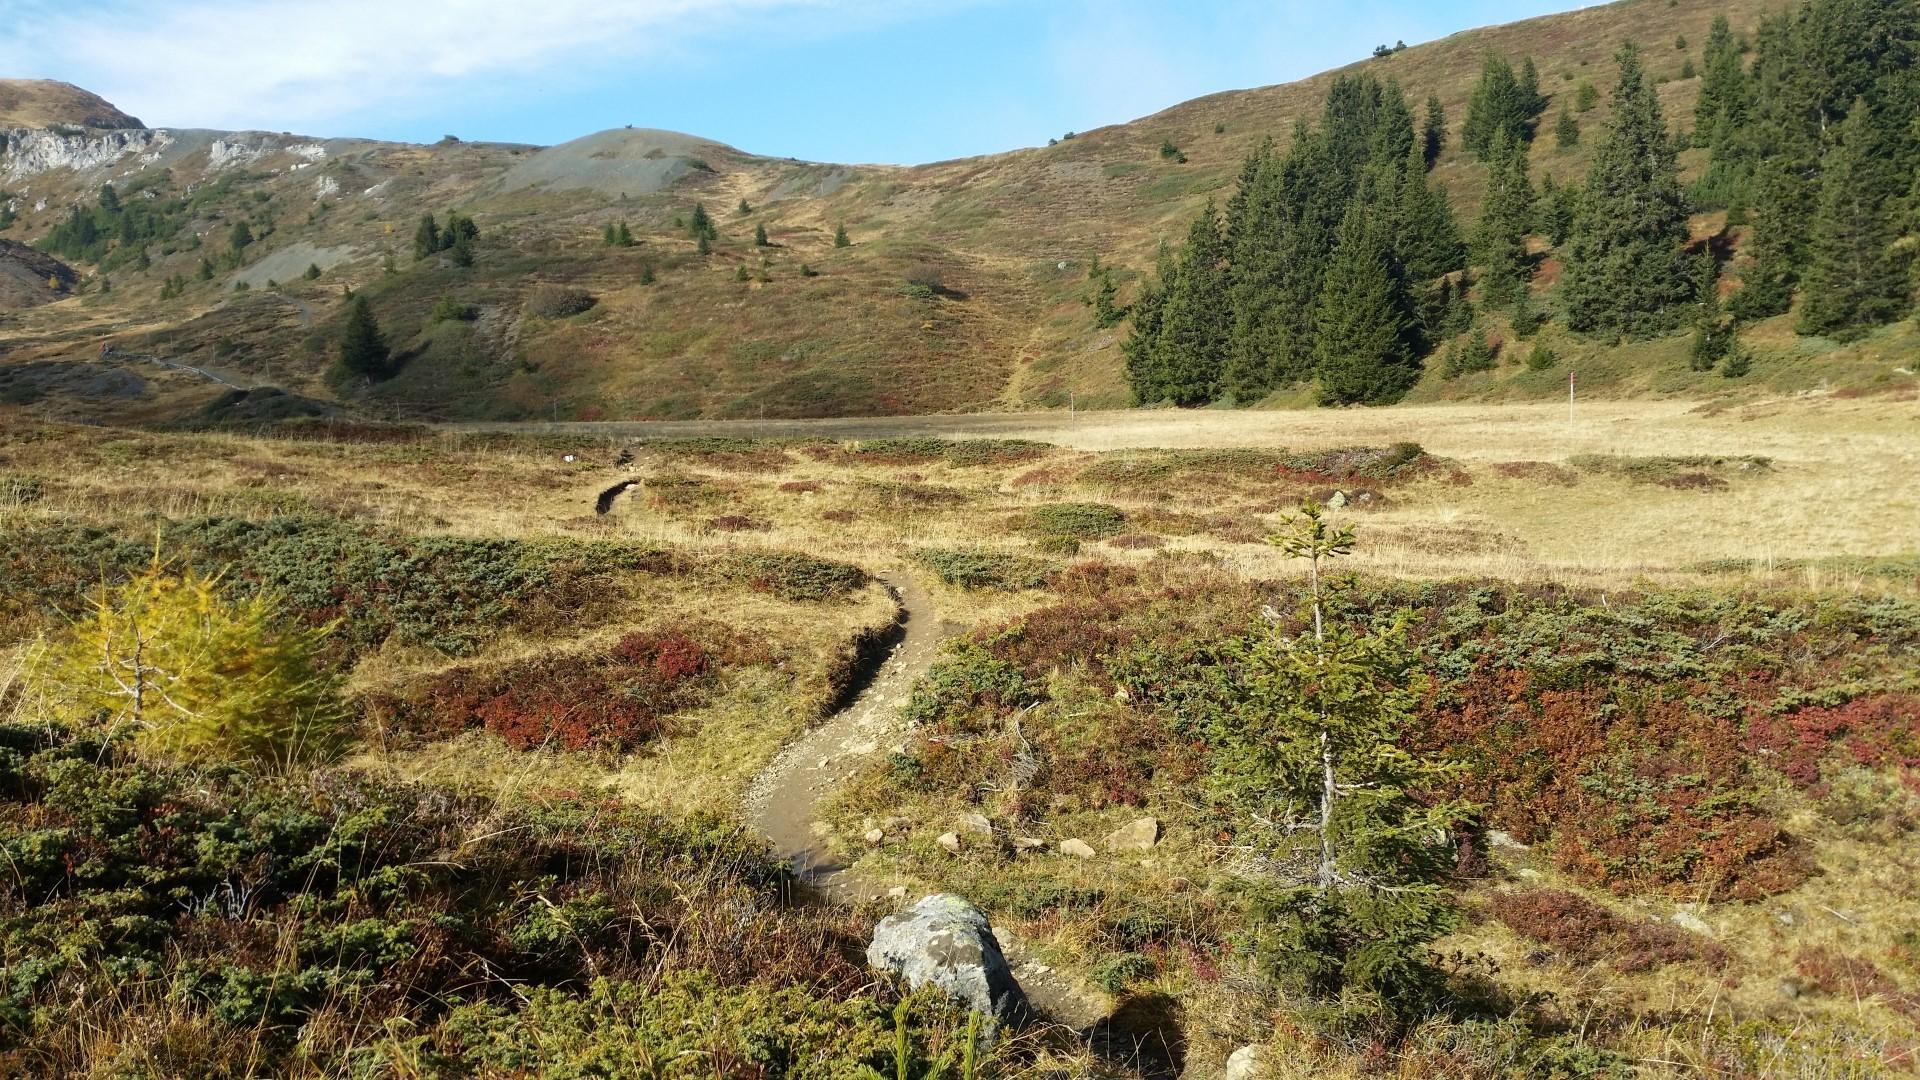 Arosa Weisshorn Gipfel – Eine wunderschöne Herbstwanderung (2015-10-10)